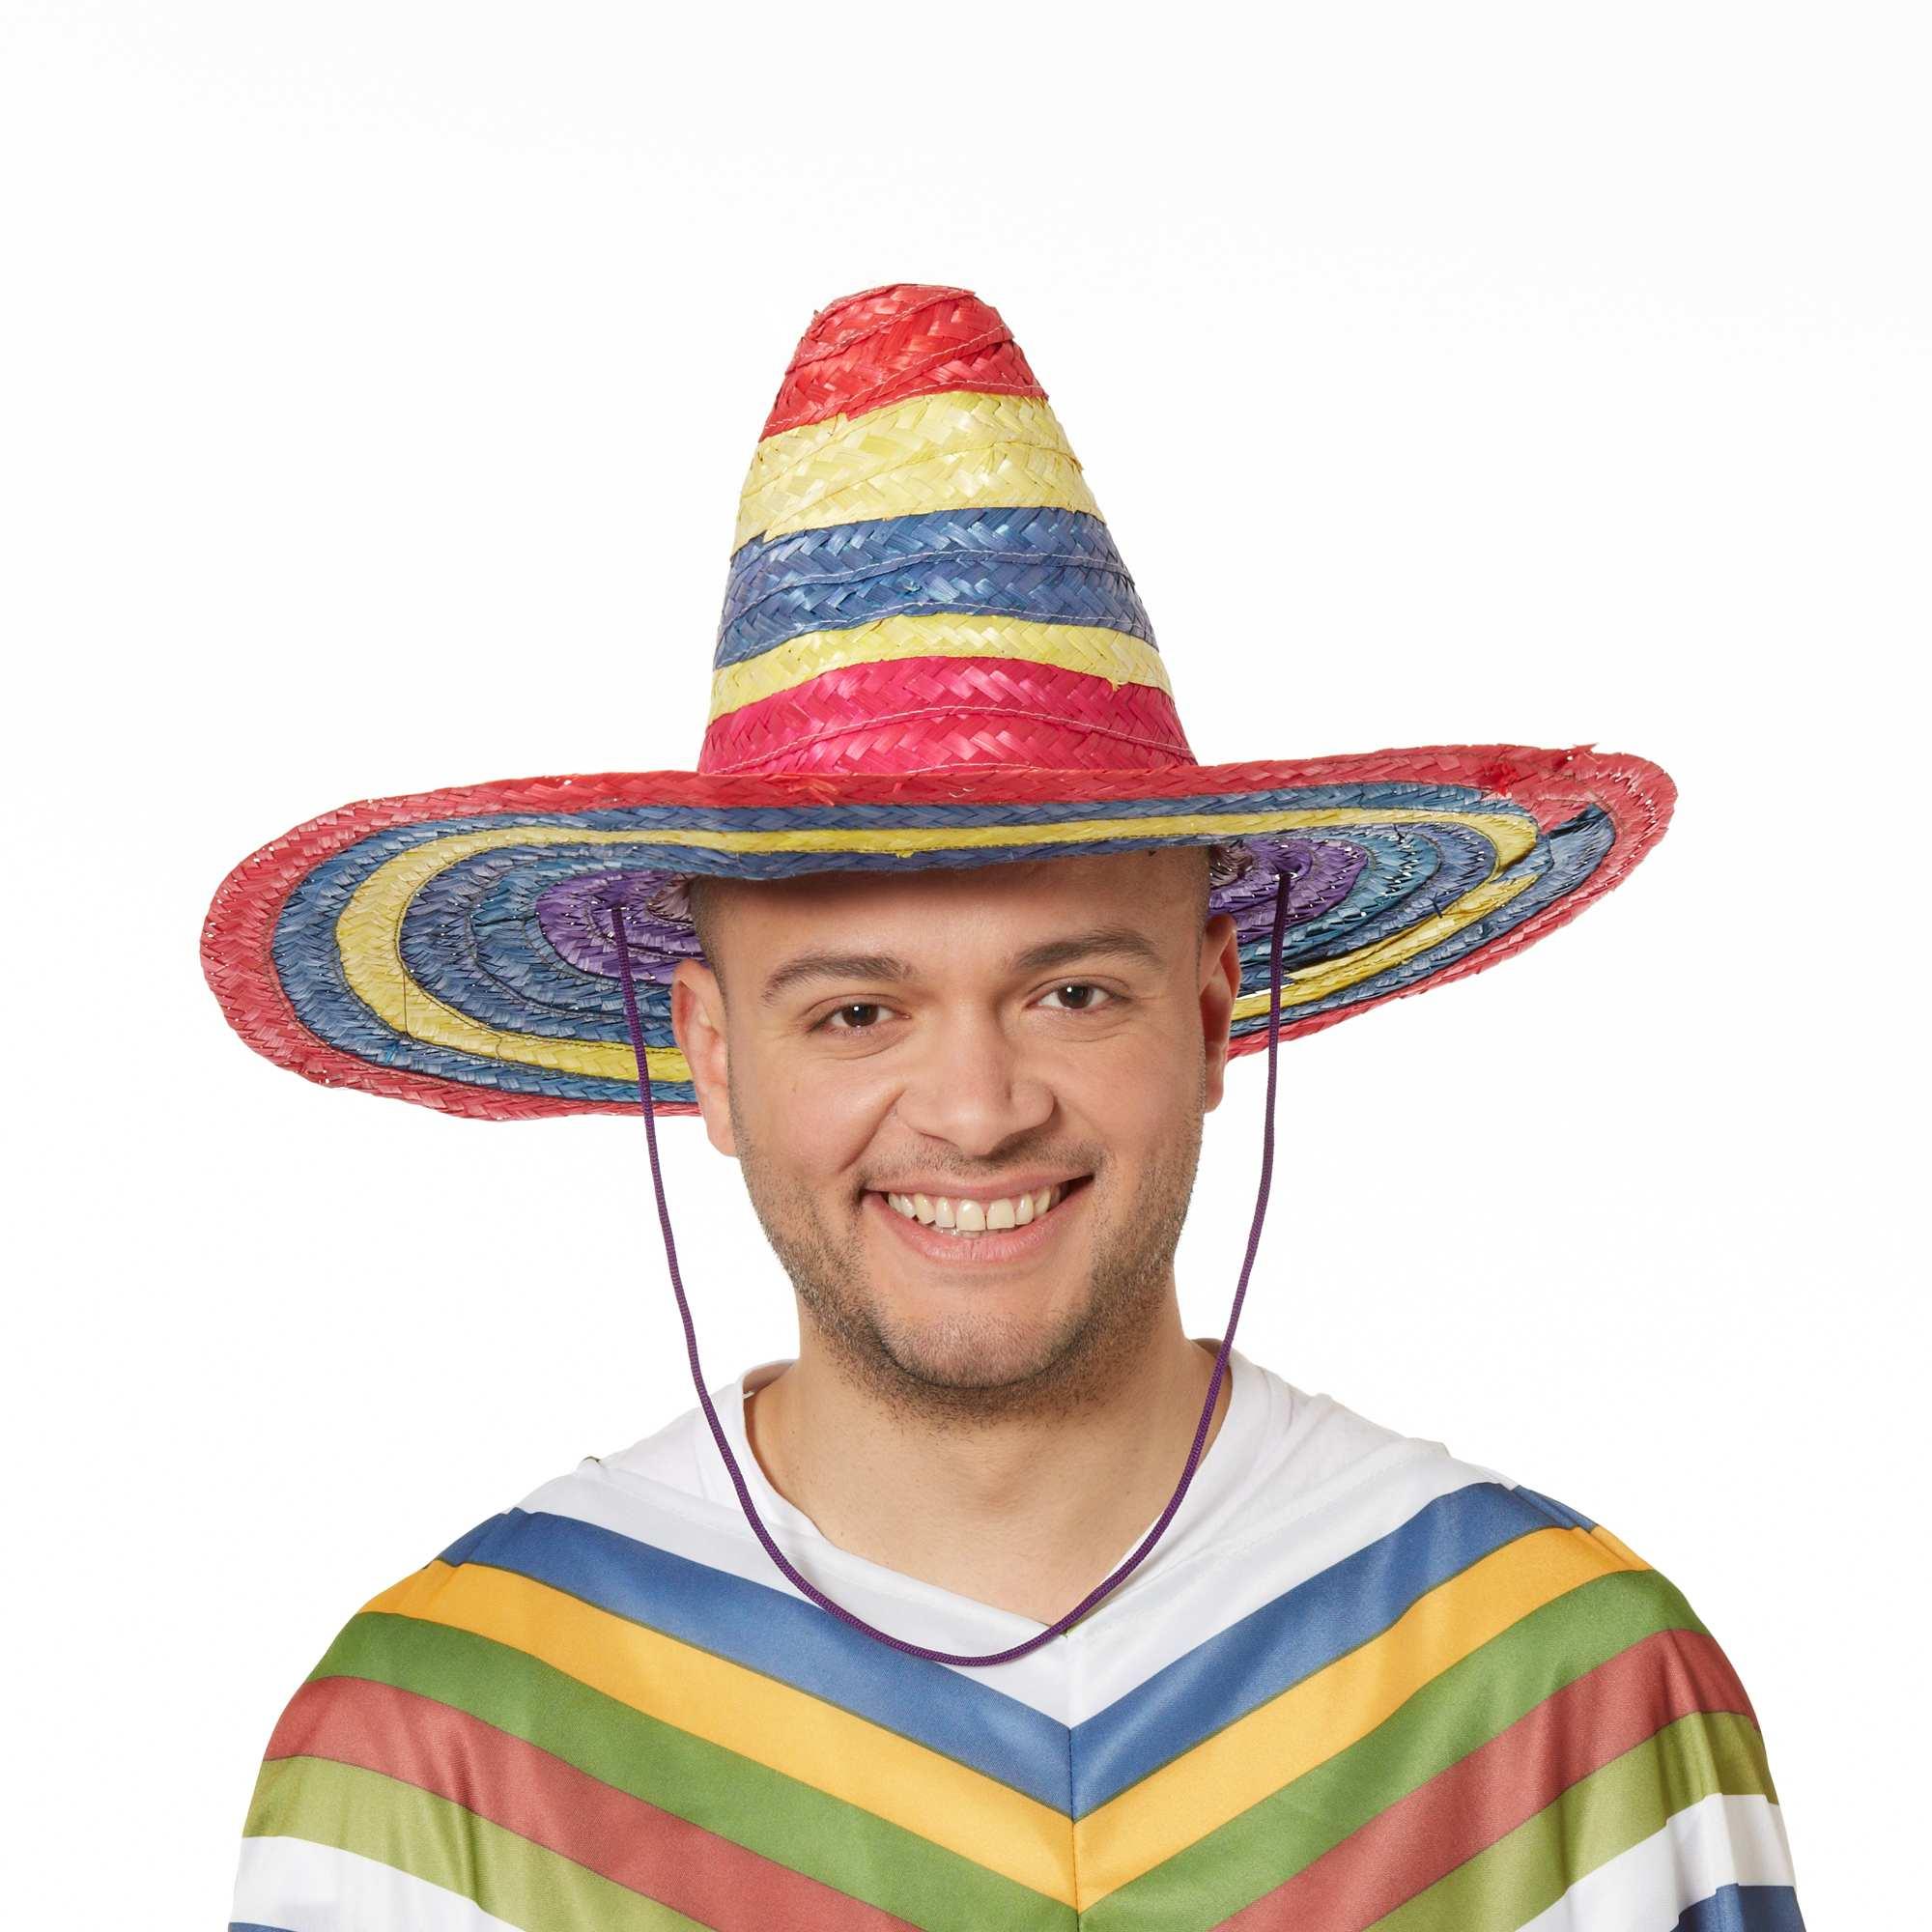 Cappello Borsalino. Sombrero messicano Accessori Kiabi 5 00€ f4f2f96d91e8